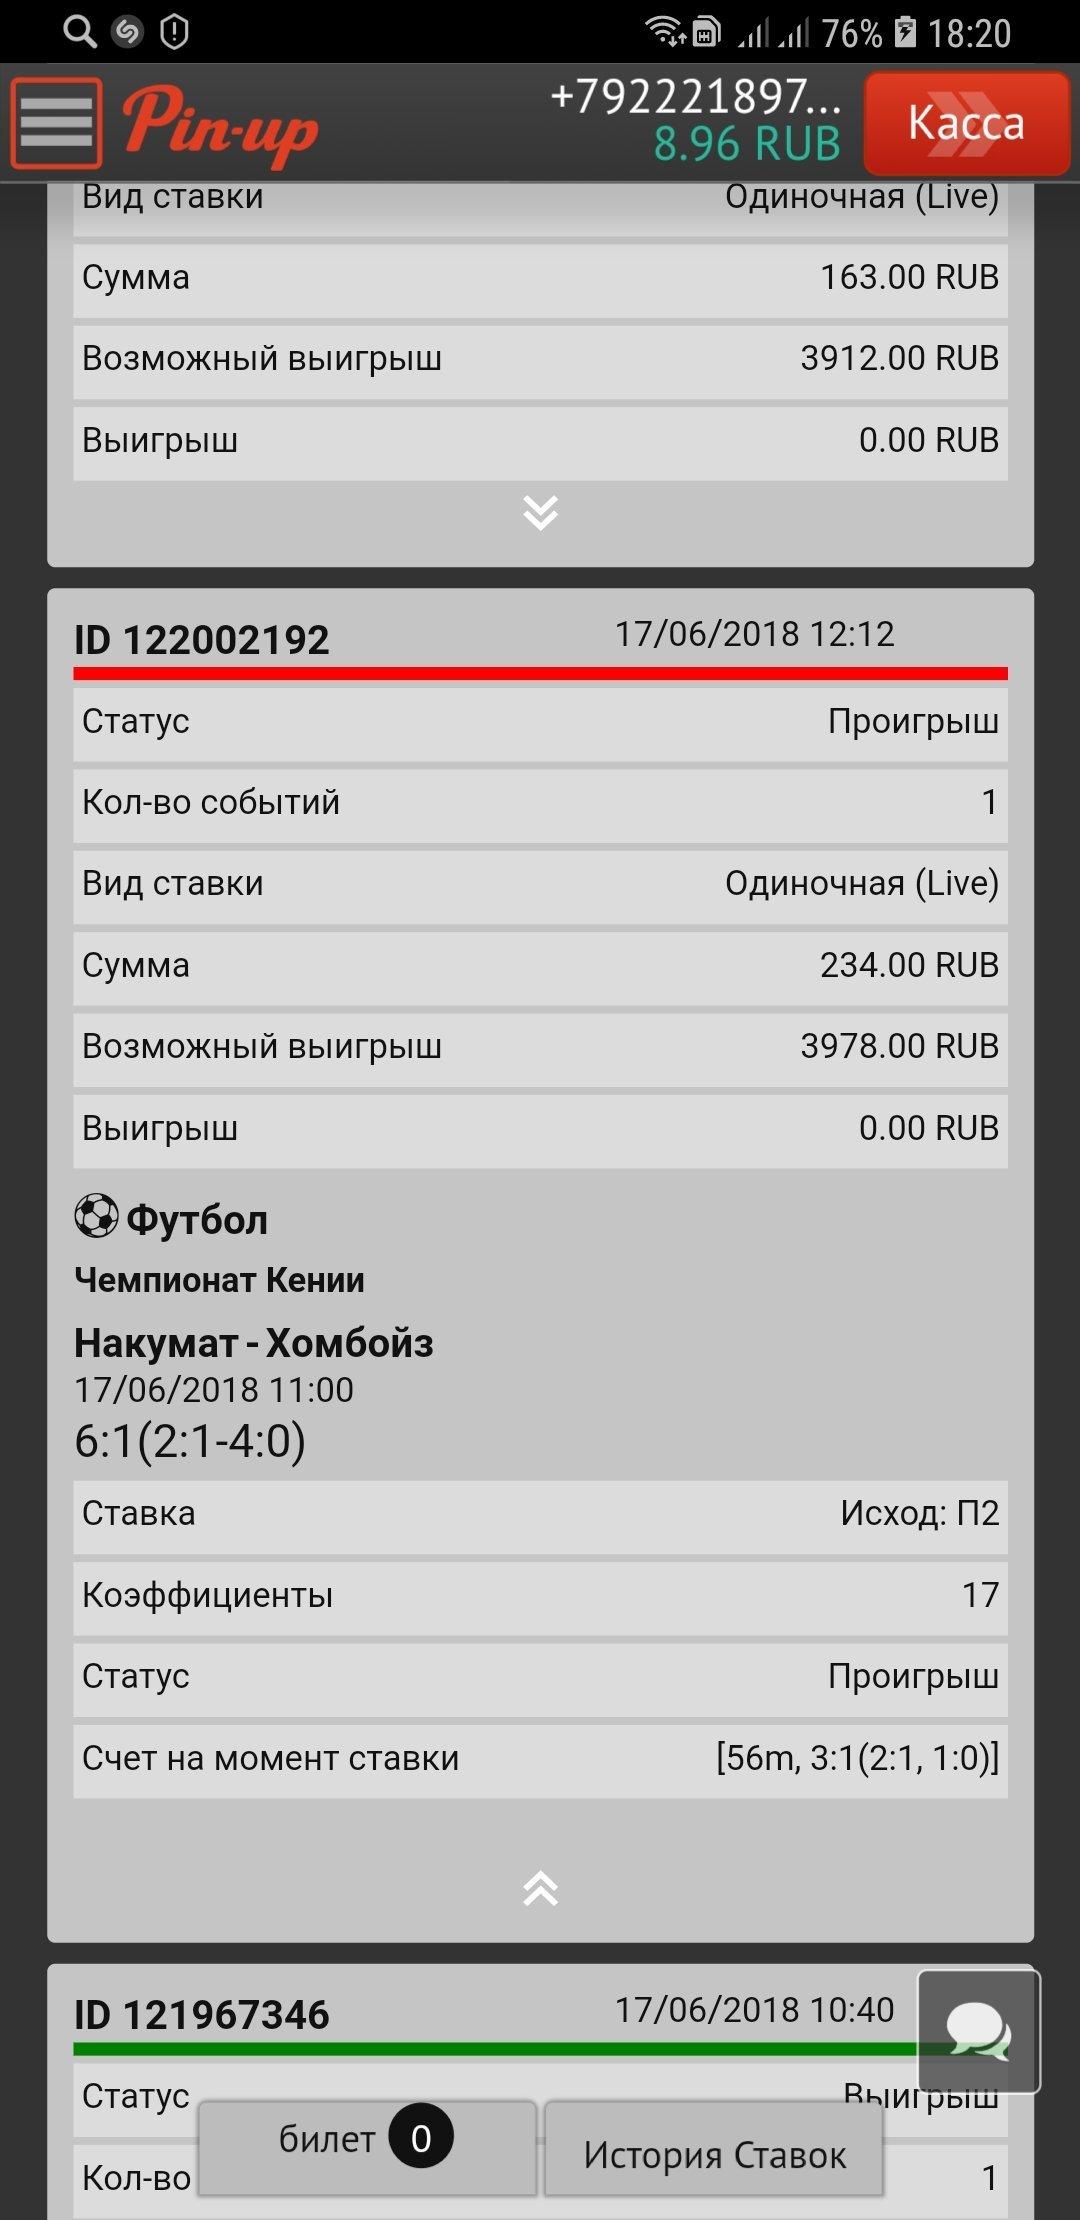 рейтинг букмекеров наталья касьянова